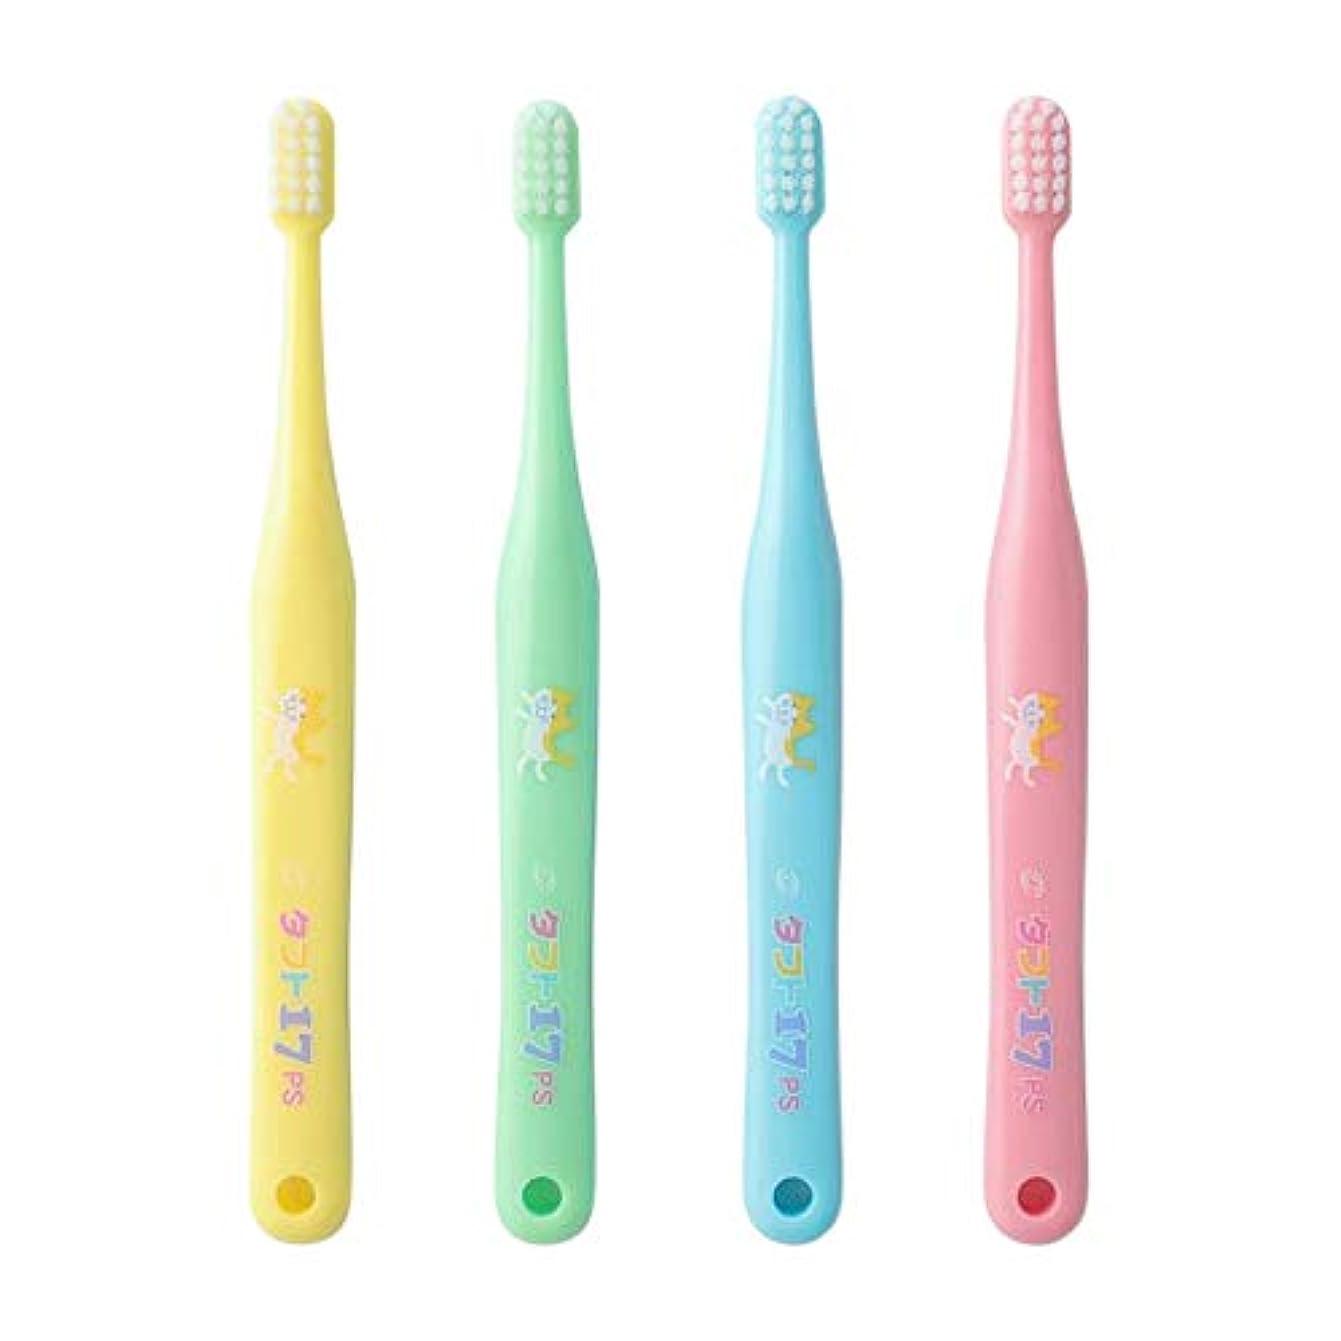 ガム花弁期限オーラルケア タフト17歯ブラシ (プレミアムソフト) ×10本